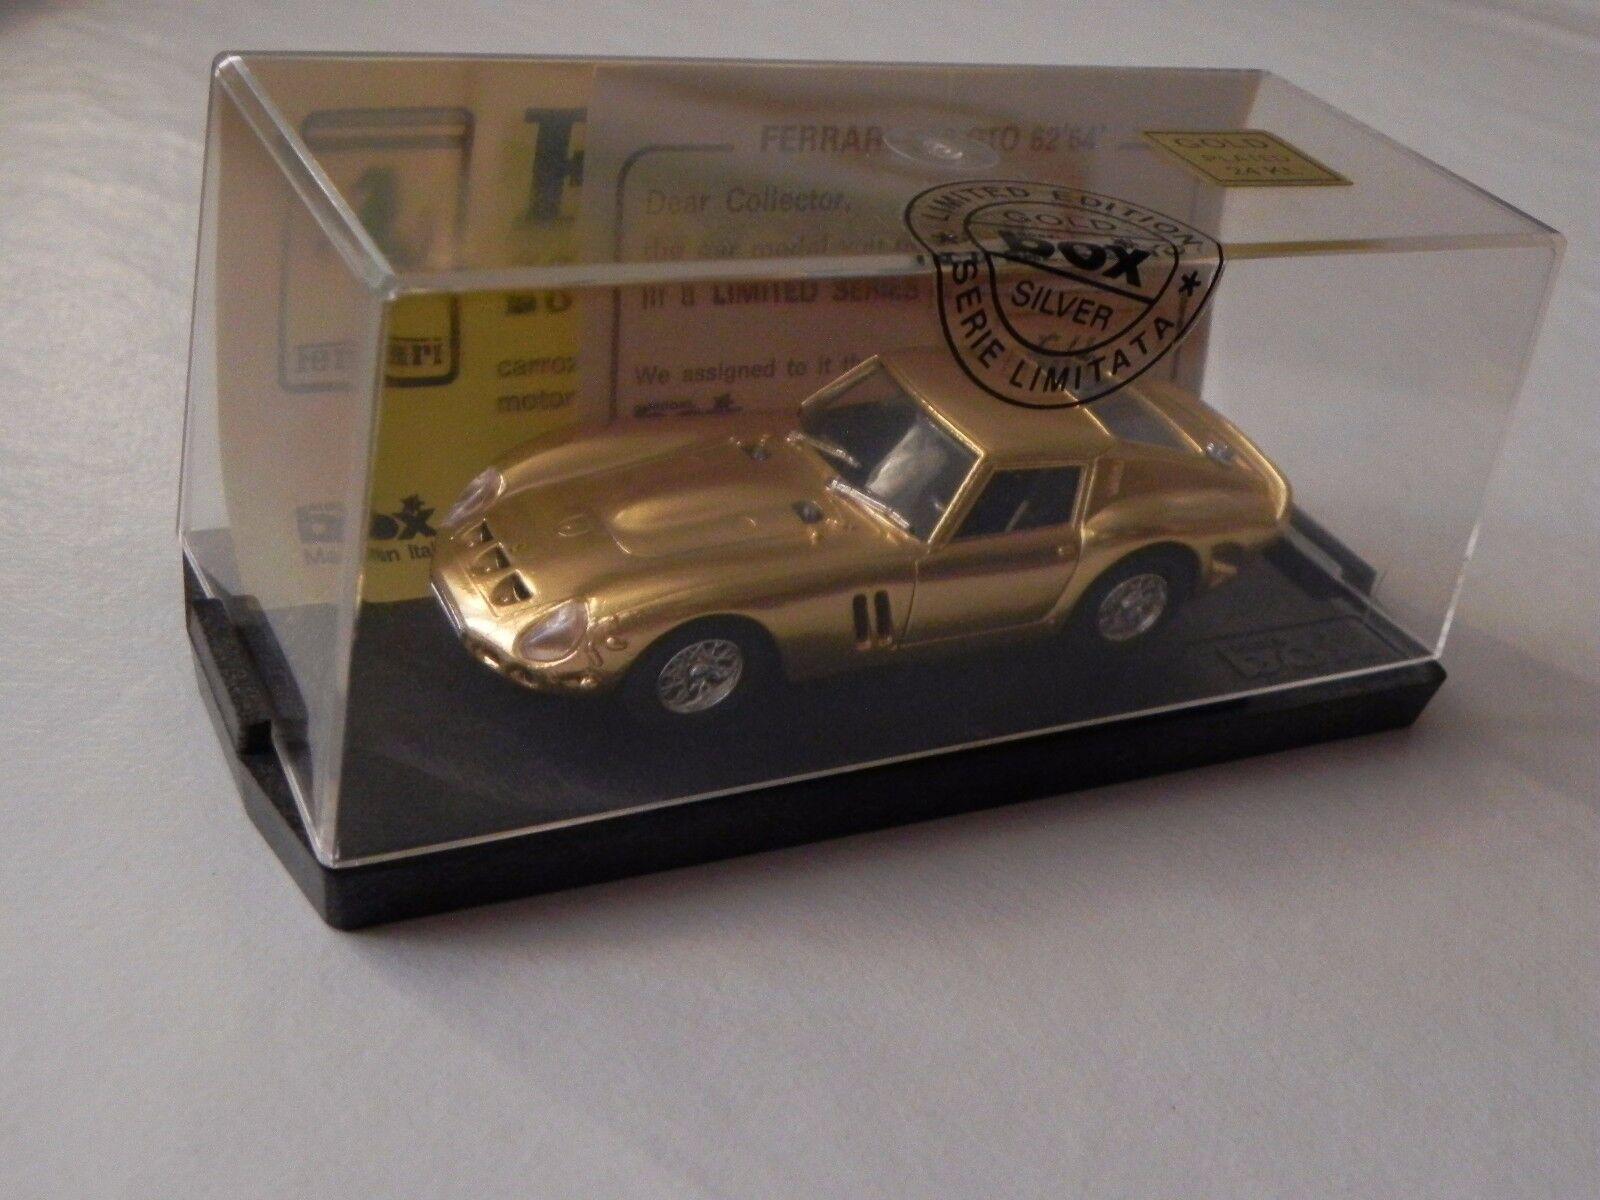 FERRARI 250 GTO 1962 MODEL BOX LIMITED EDITION oro PLATED 24Kt 1:43 MODELLINO